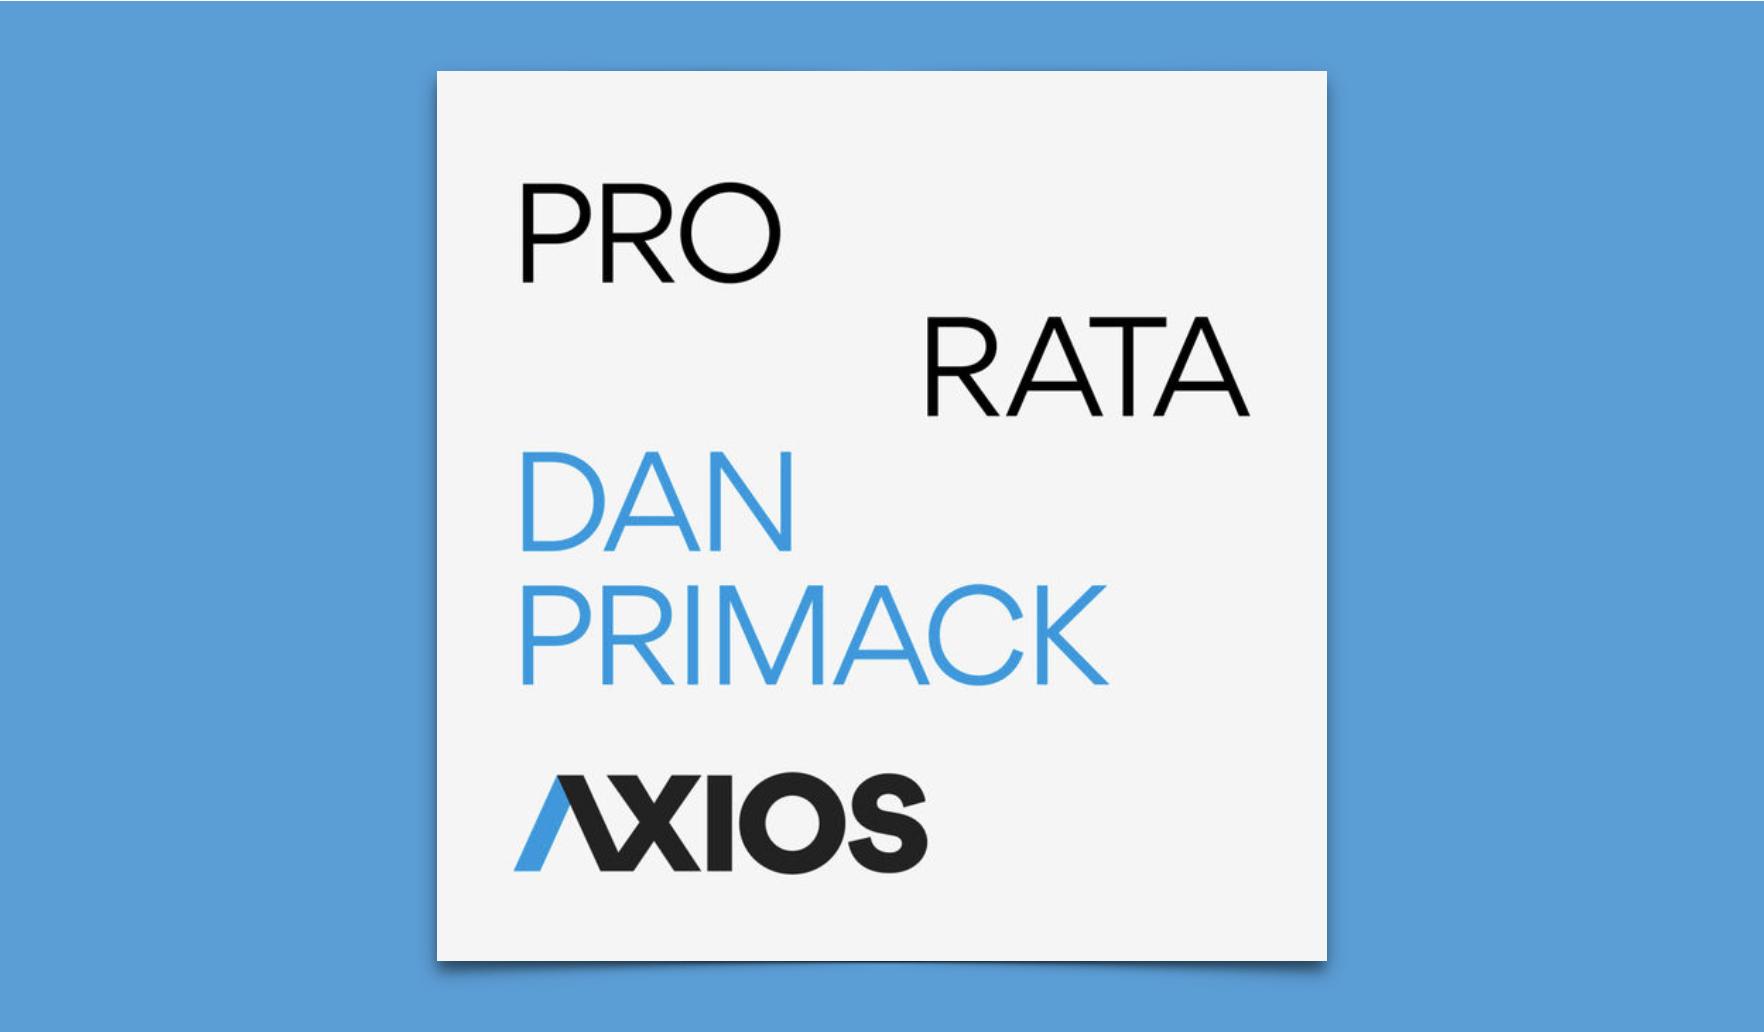 Axios - Pro Rata